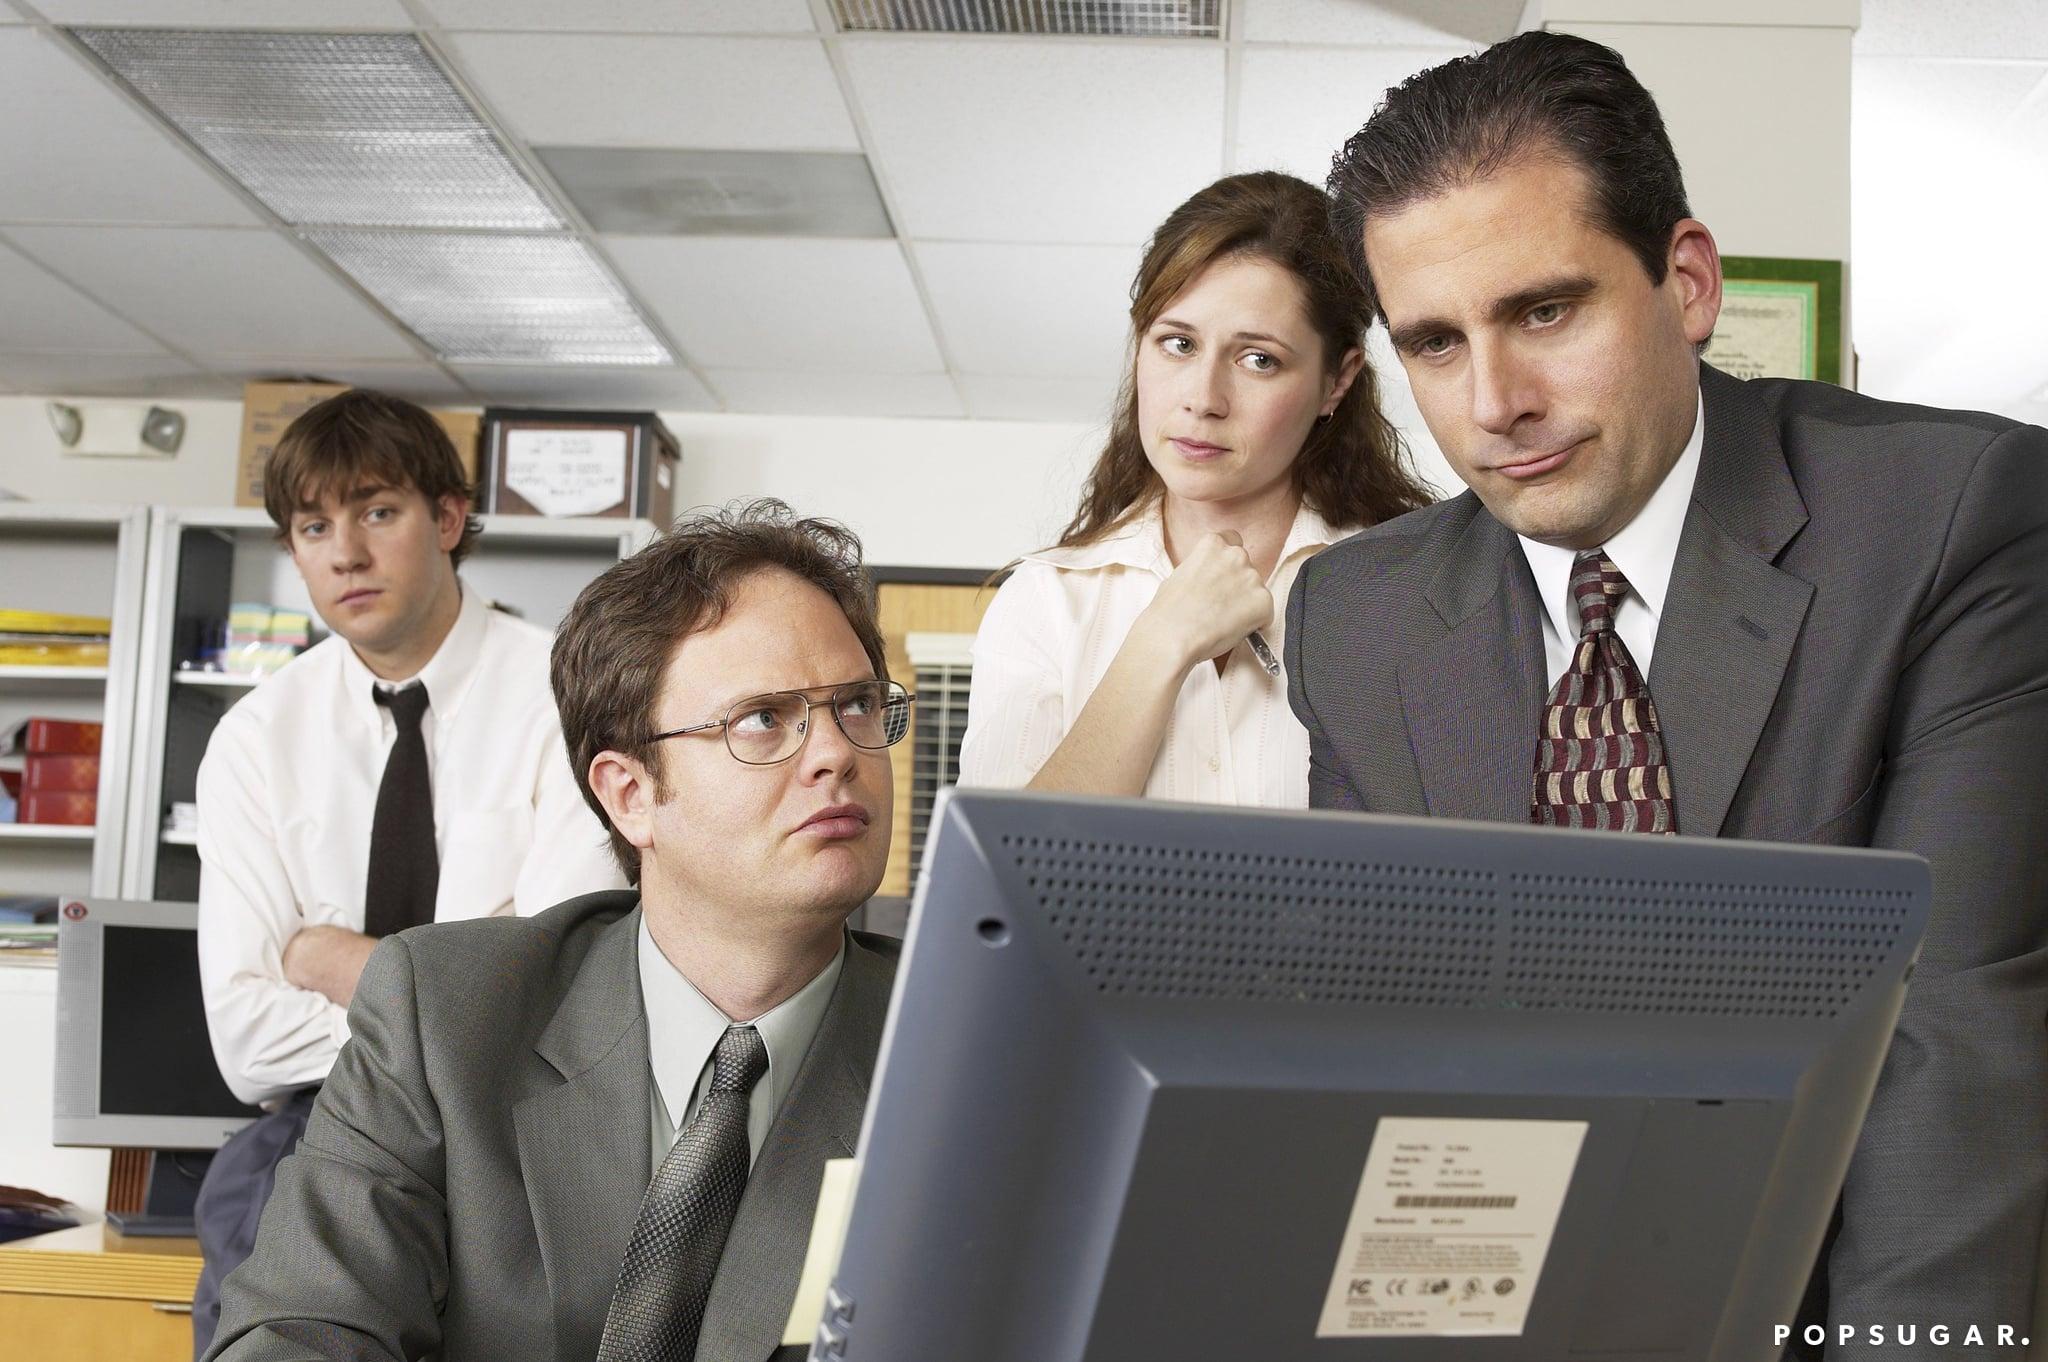 THE OFFICE -- Pilot -- Pictured: (l-r) John Krasinski as Jim Halpert, Rainn Wilson as Dwight Schrute, Jenna Fischer as Pam Beesly, and Steve Carell as Michael Scott-- Photo by: Chris Haston/NBCU Photo Bank